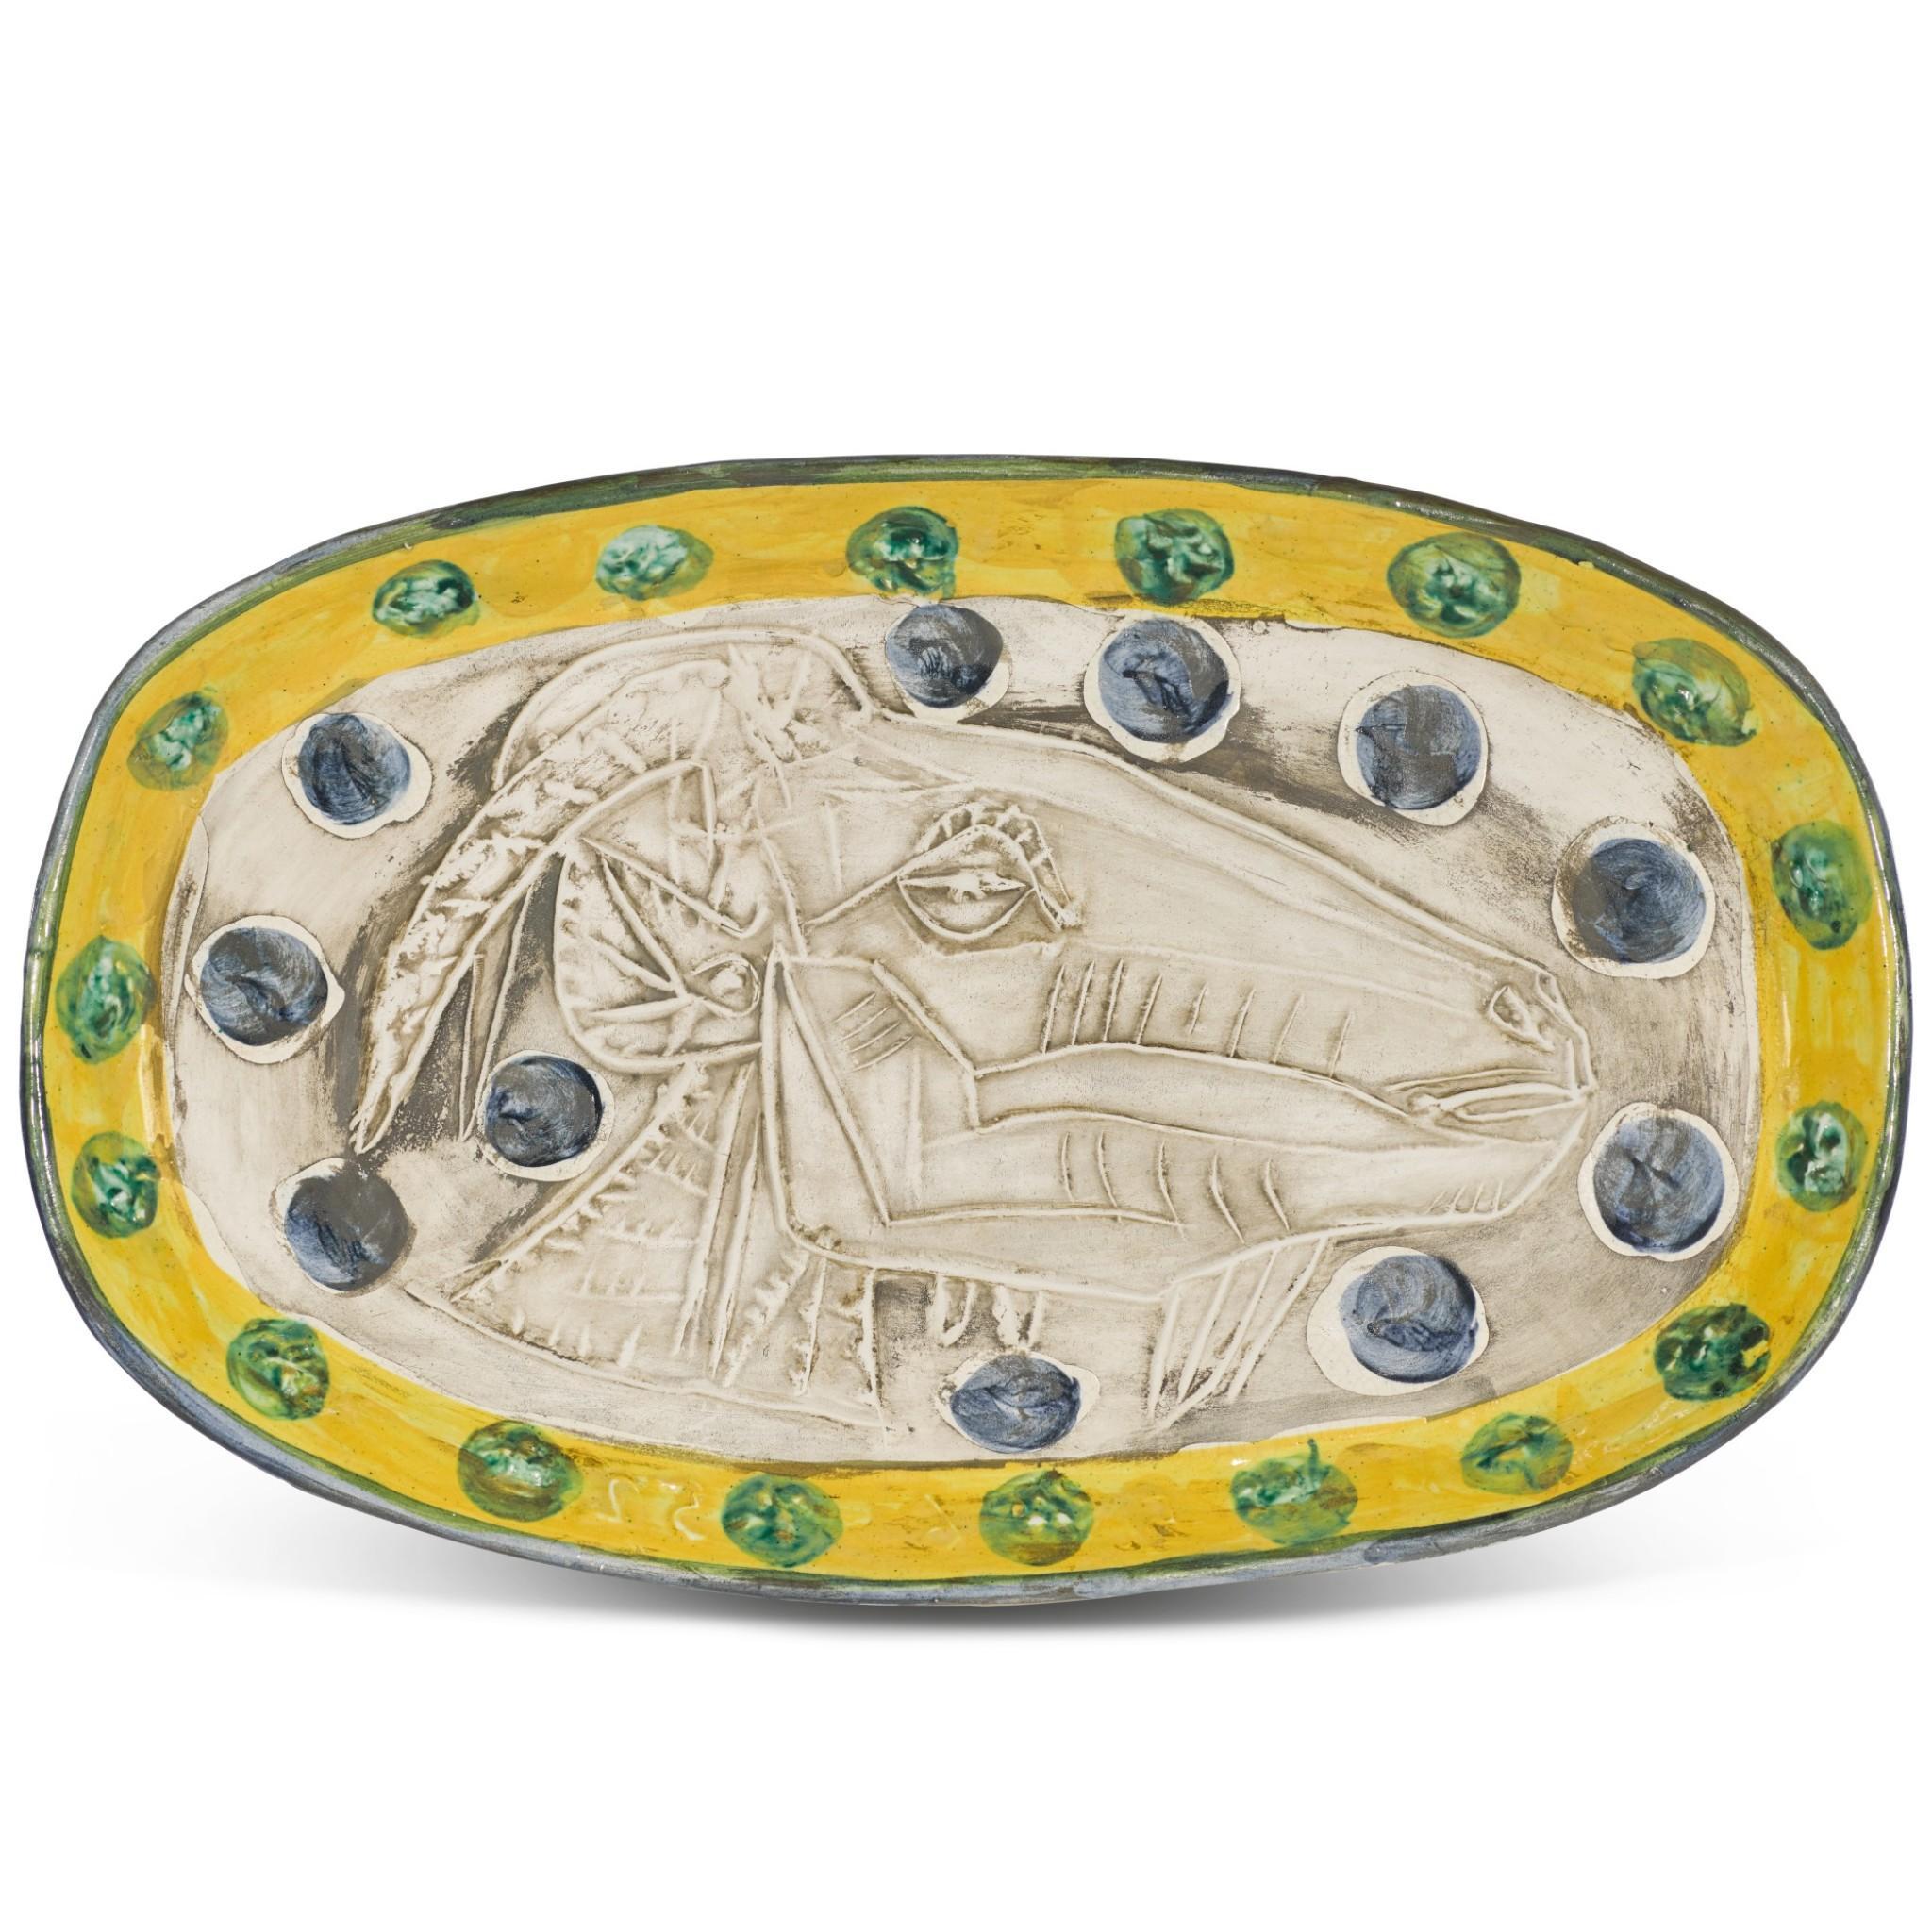 Pablo Picasso Madoura Ceramic Plate, 'Tête de chèvre de profil' Ramié 148